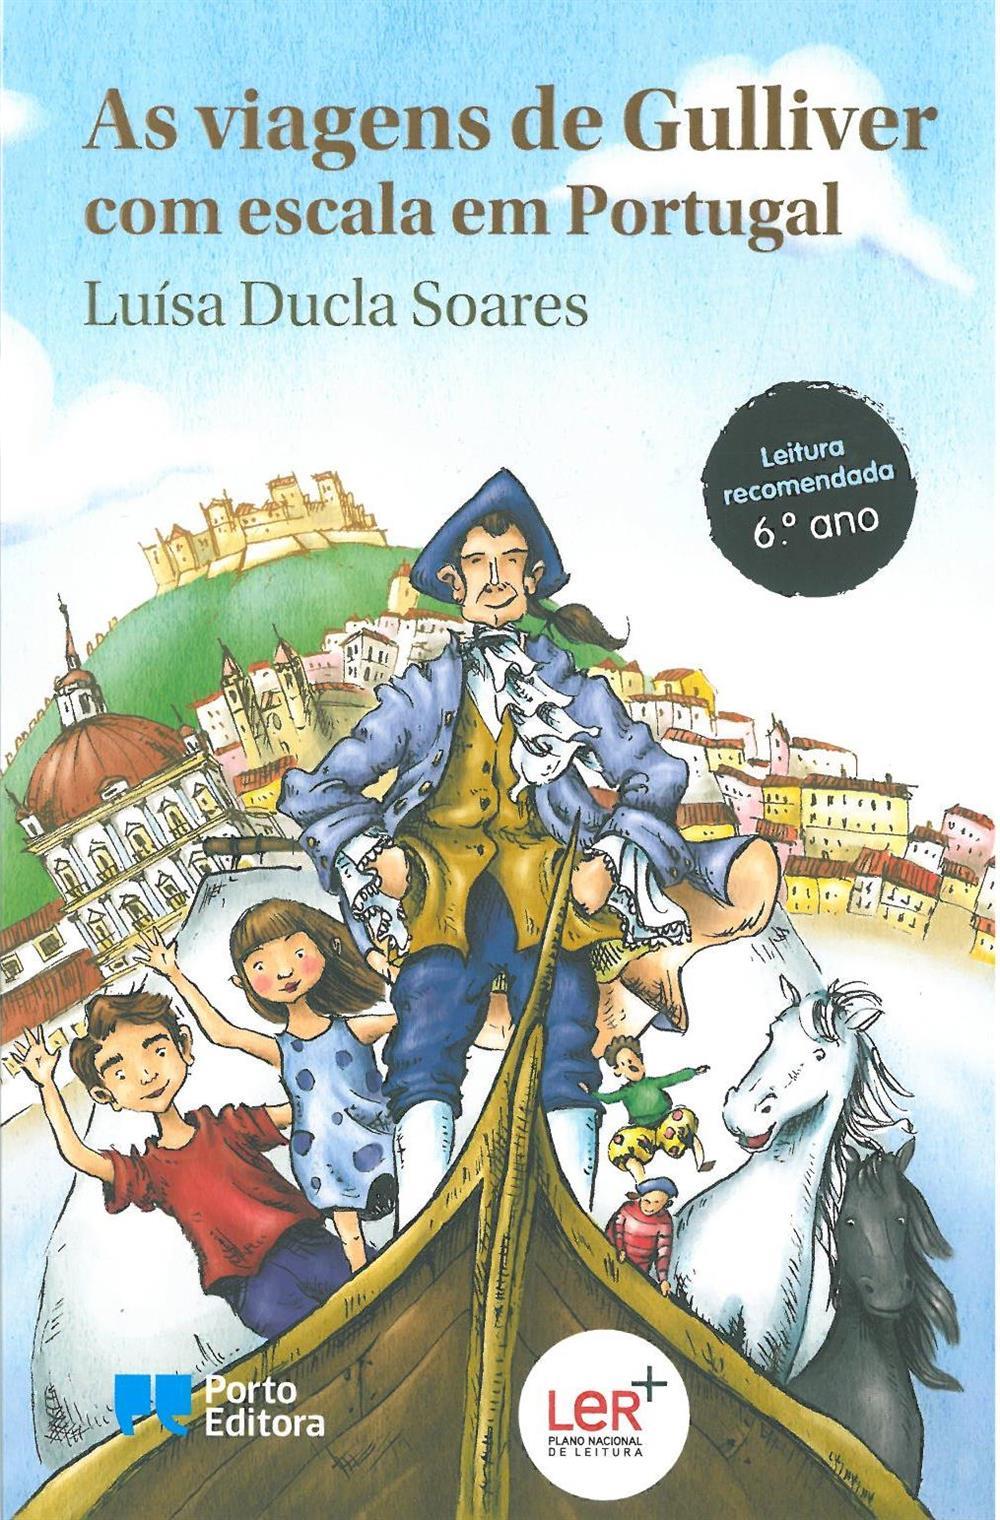 As viagens de Gulliver com escala em Portugal_.jpg